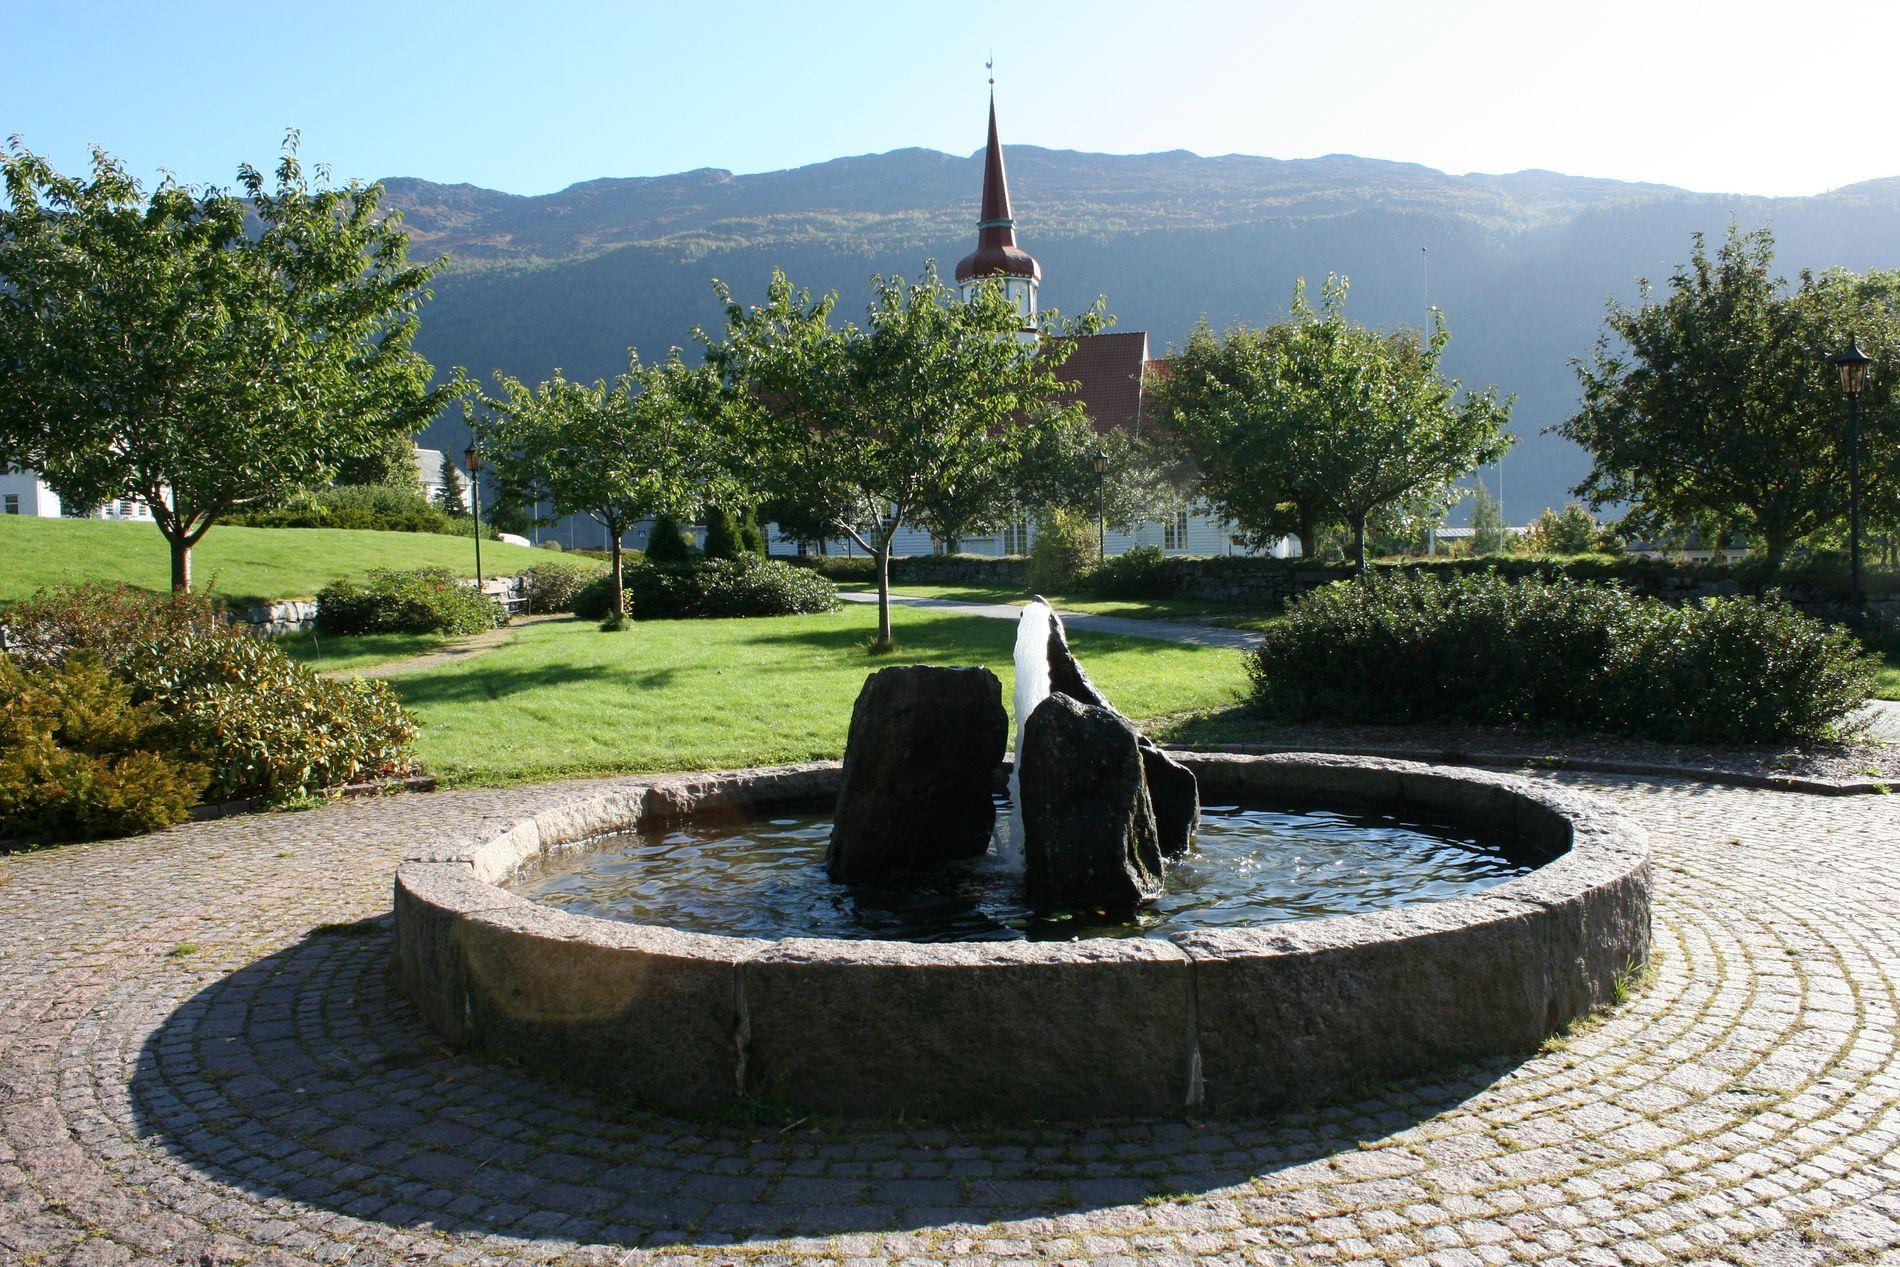 REDUSERTE KOSTNADER: På Nordfjordeid utvikla lokale aktørar løysingar for fjordvarme som energikjelde. Drivkrafta var reduserte driftskostnader, skriv innsendaren.